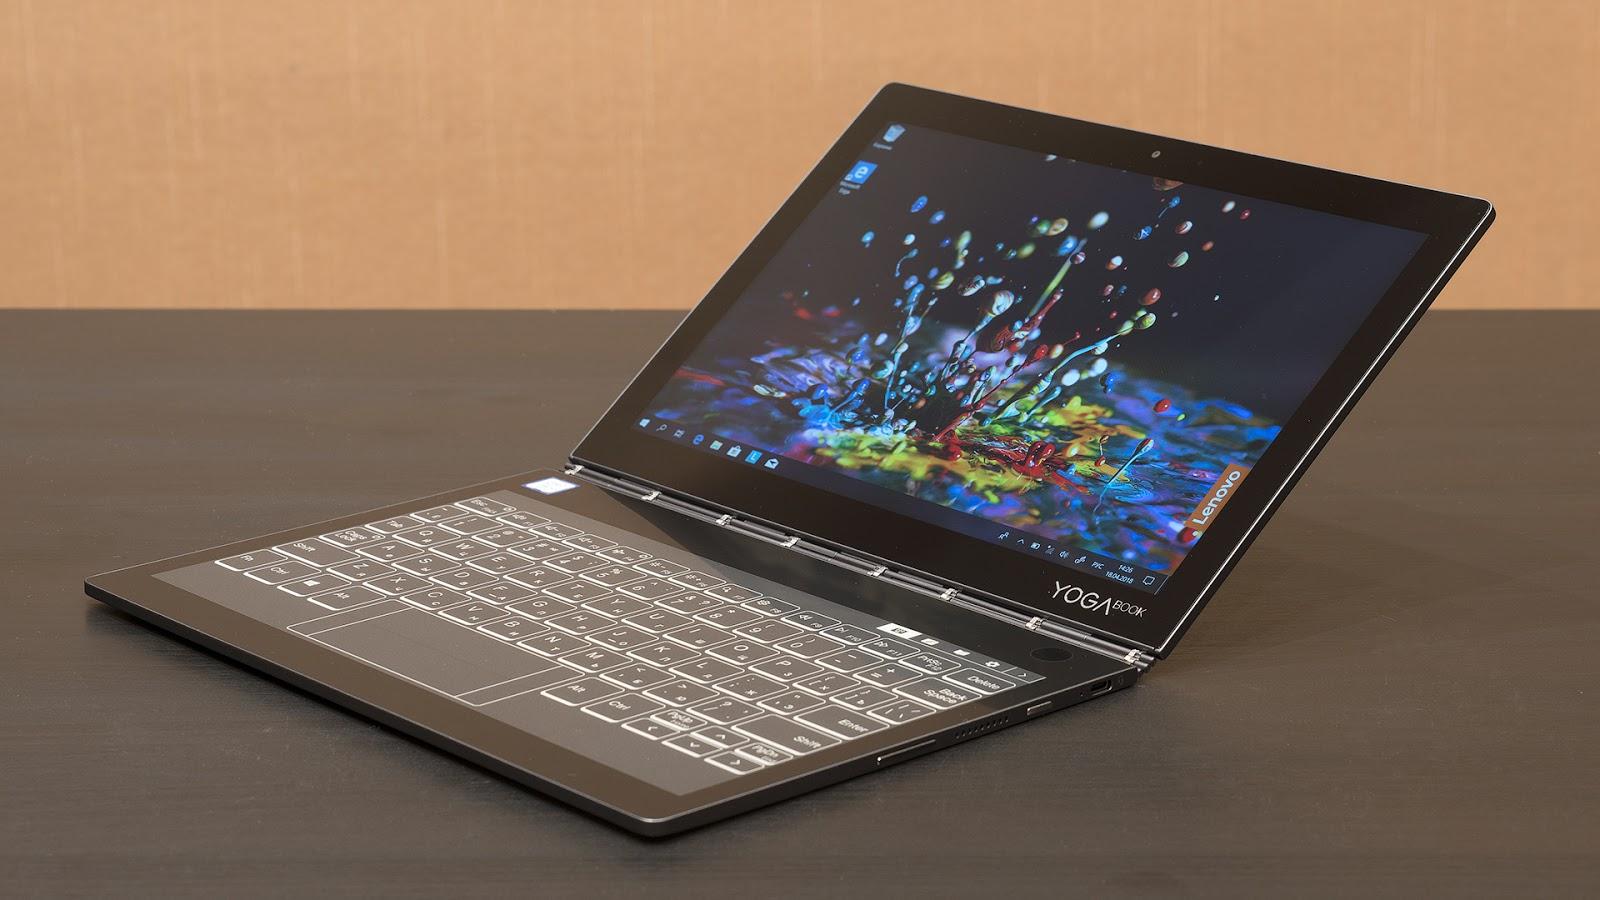 Lenovo YogaBook C930: устройство, которое заменяет сразу четыре гаджета - 10